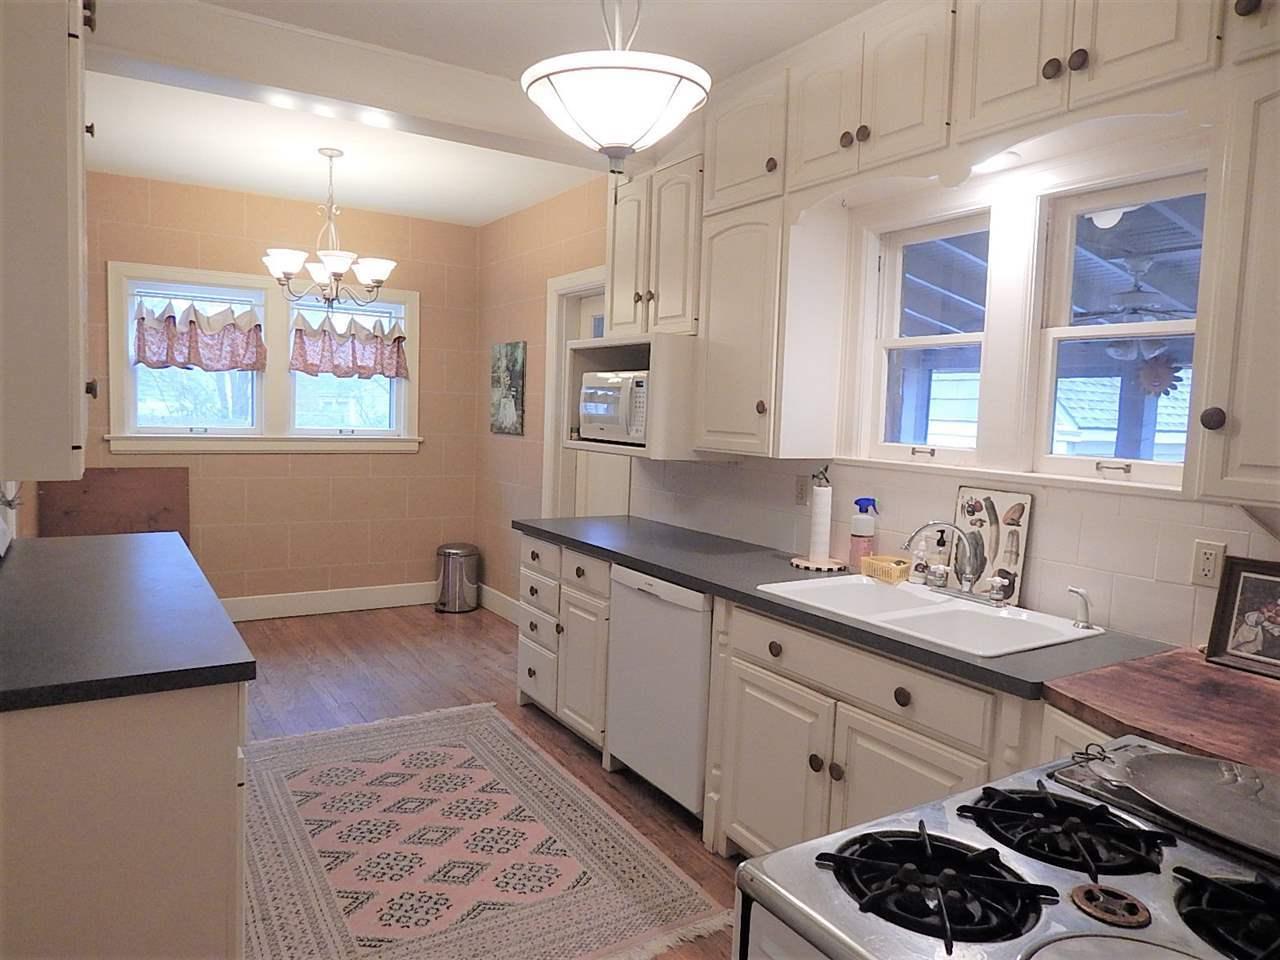 Sold Intraoffice W/MLS | 215 Virginia Ponca City, OK 74601 12